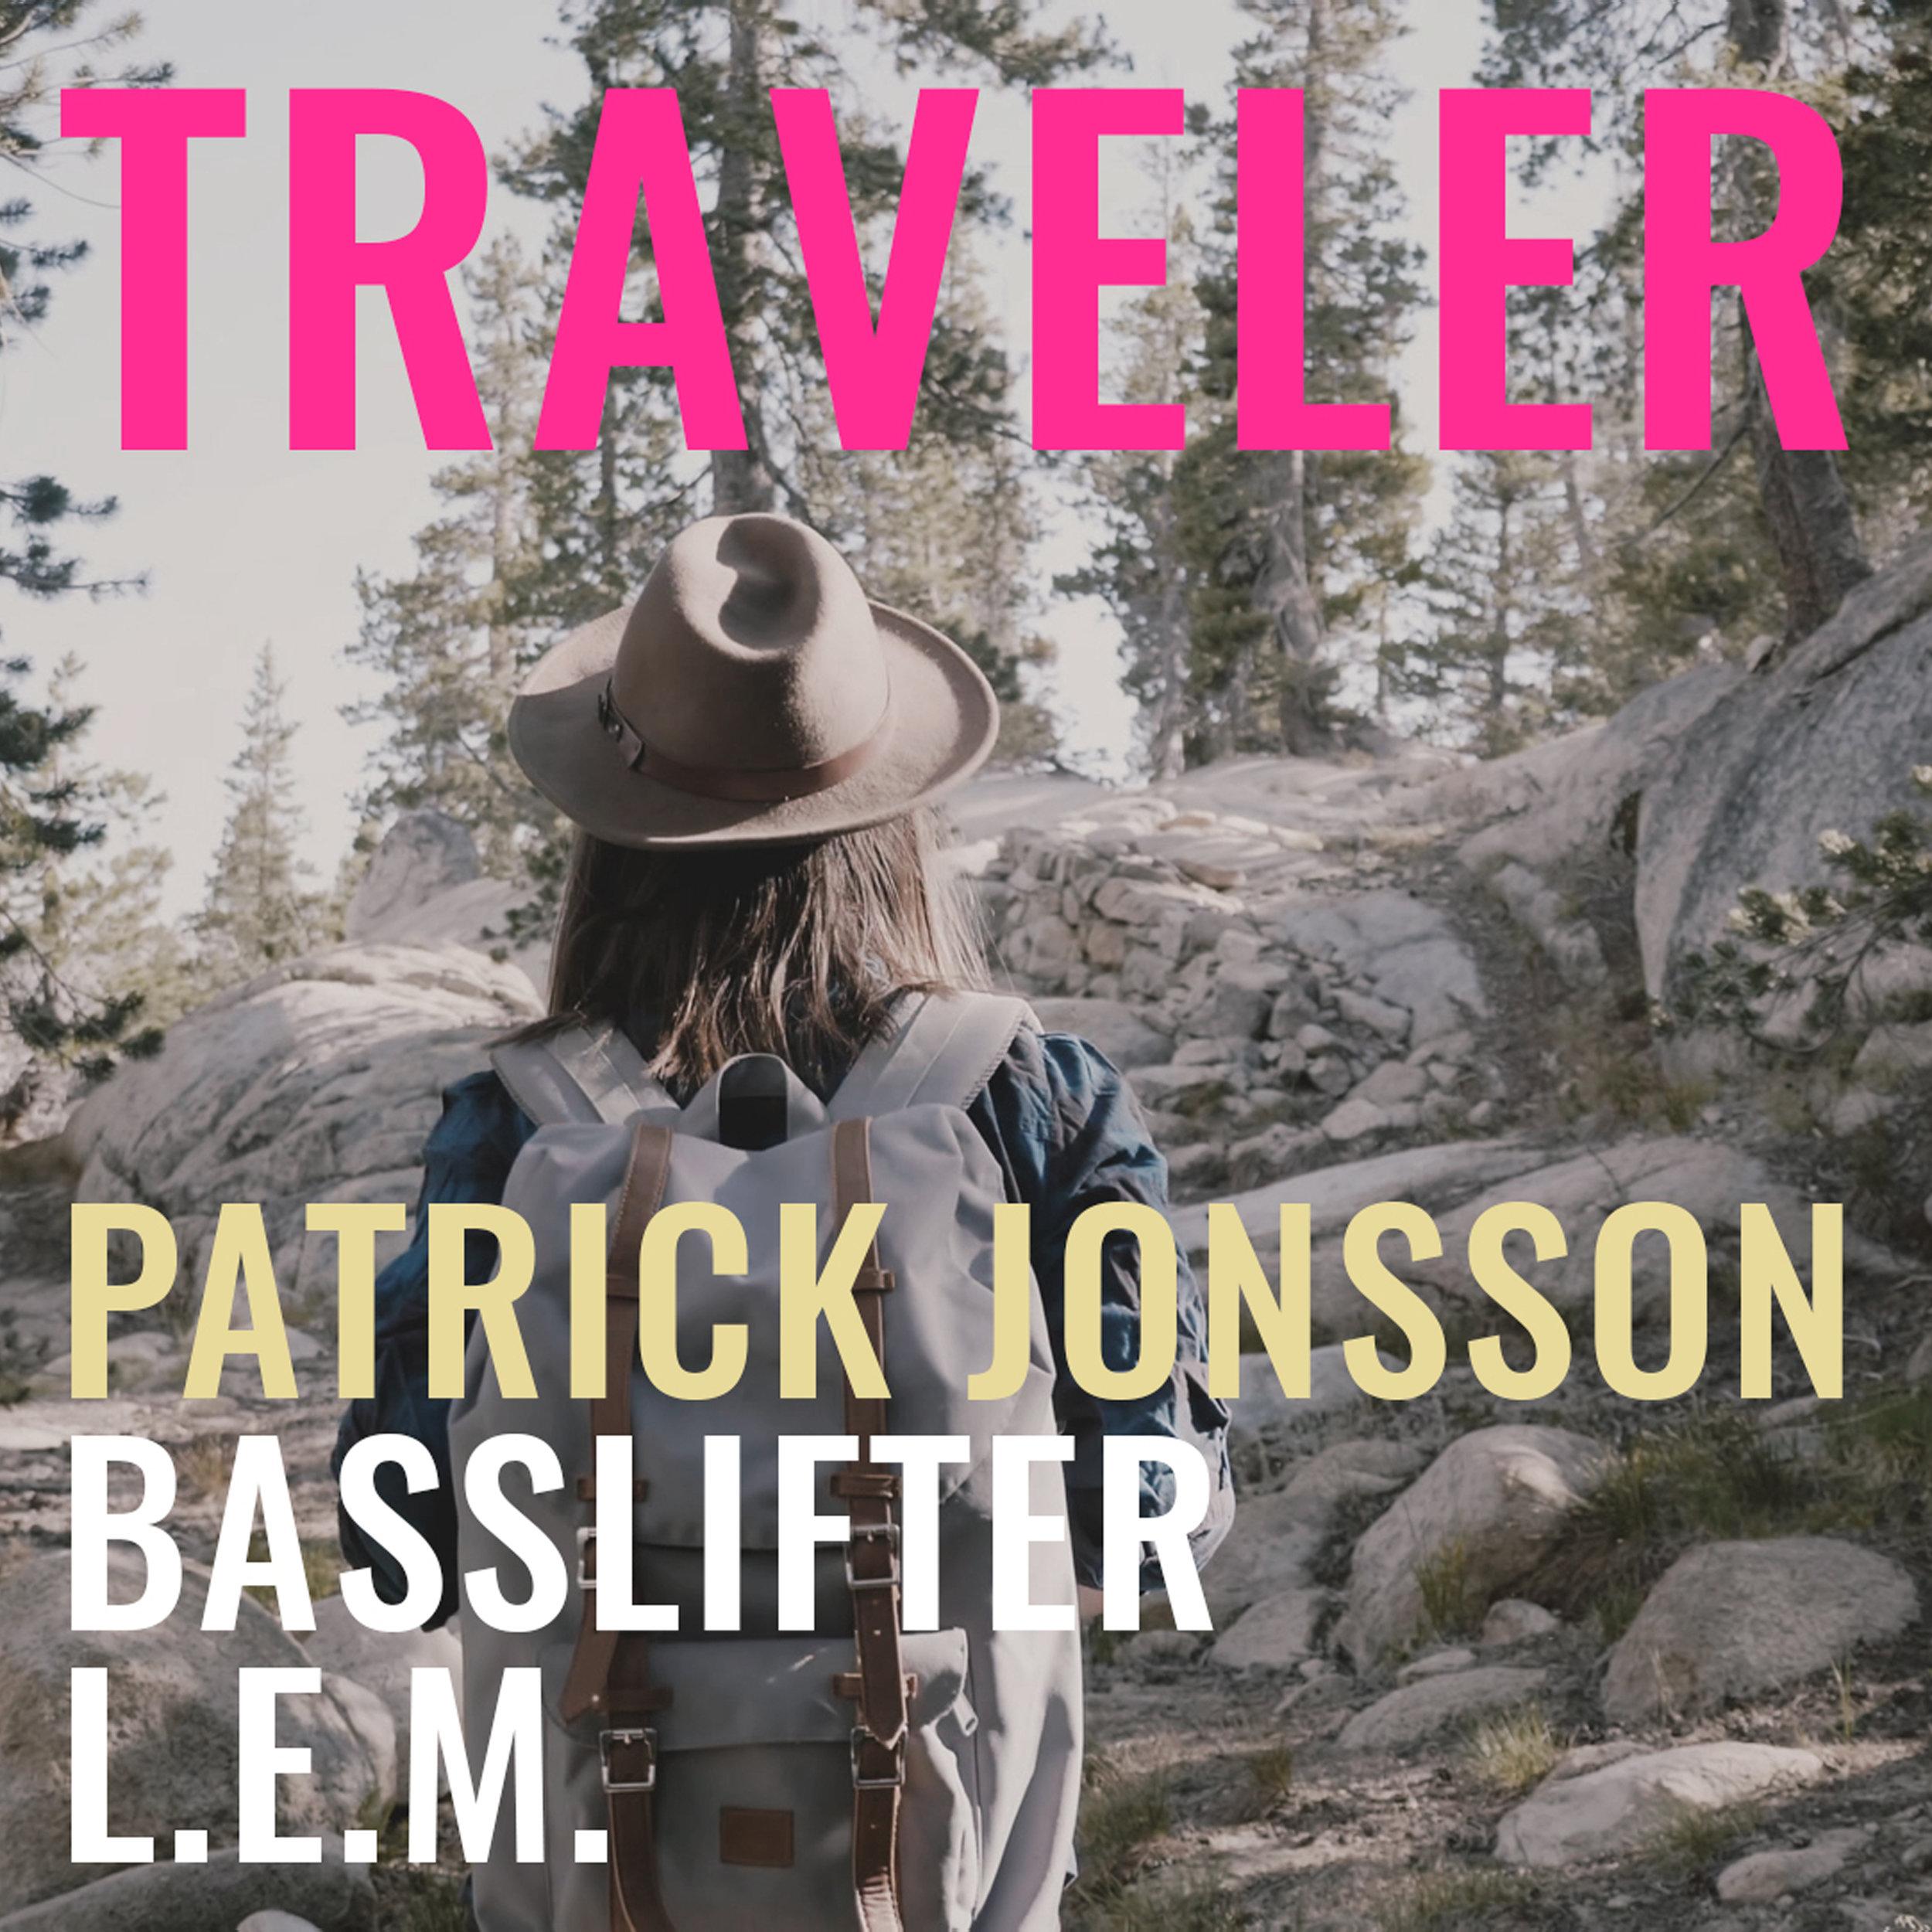 Patrick Jonsson - Traveler 3000x3000.jpg